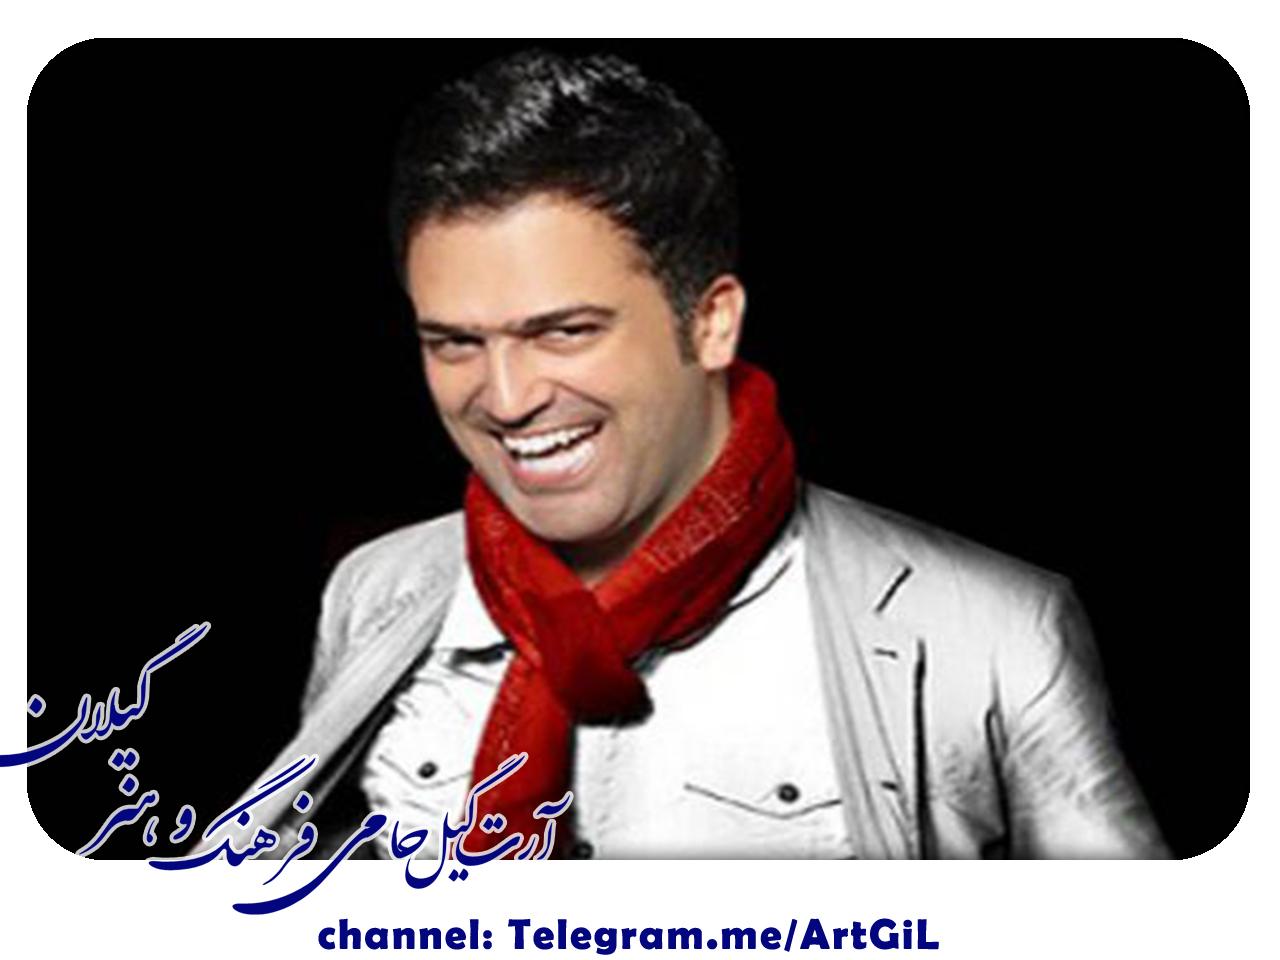 بیوگرافی حامد آهنگی هنرمند گیلانی